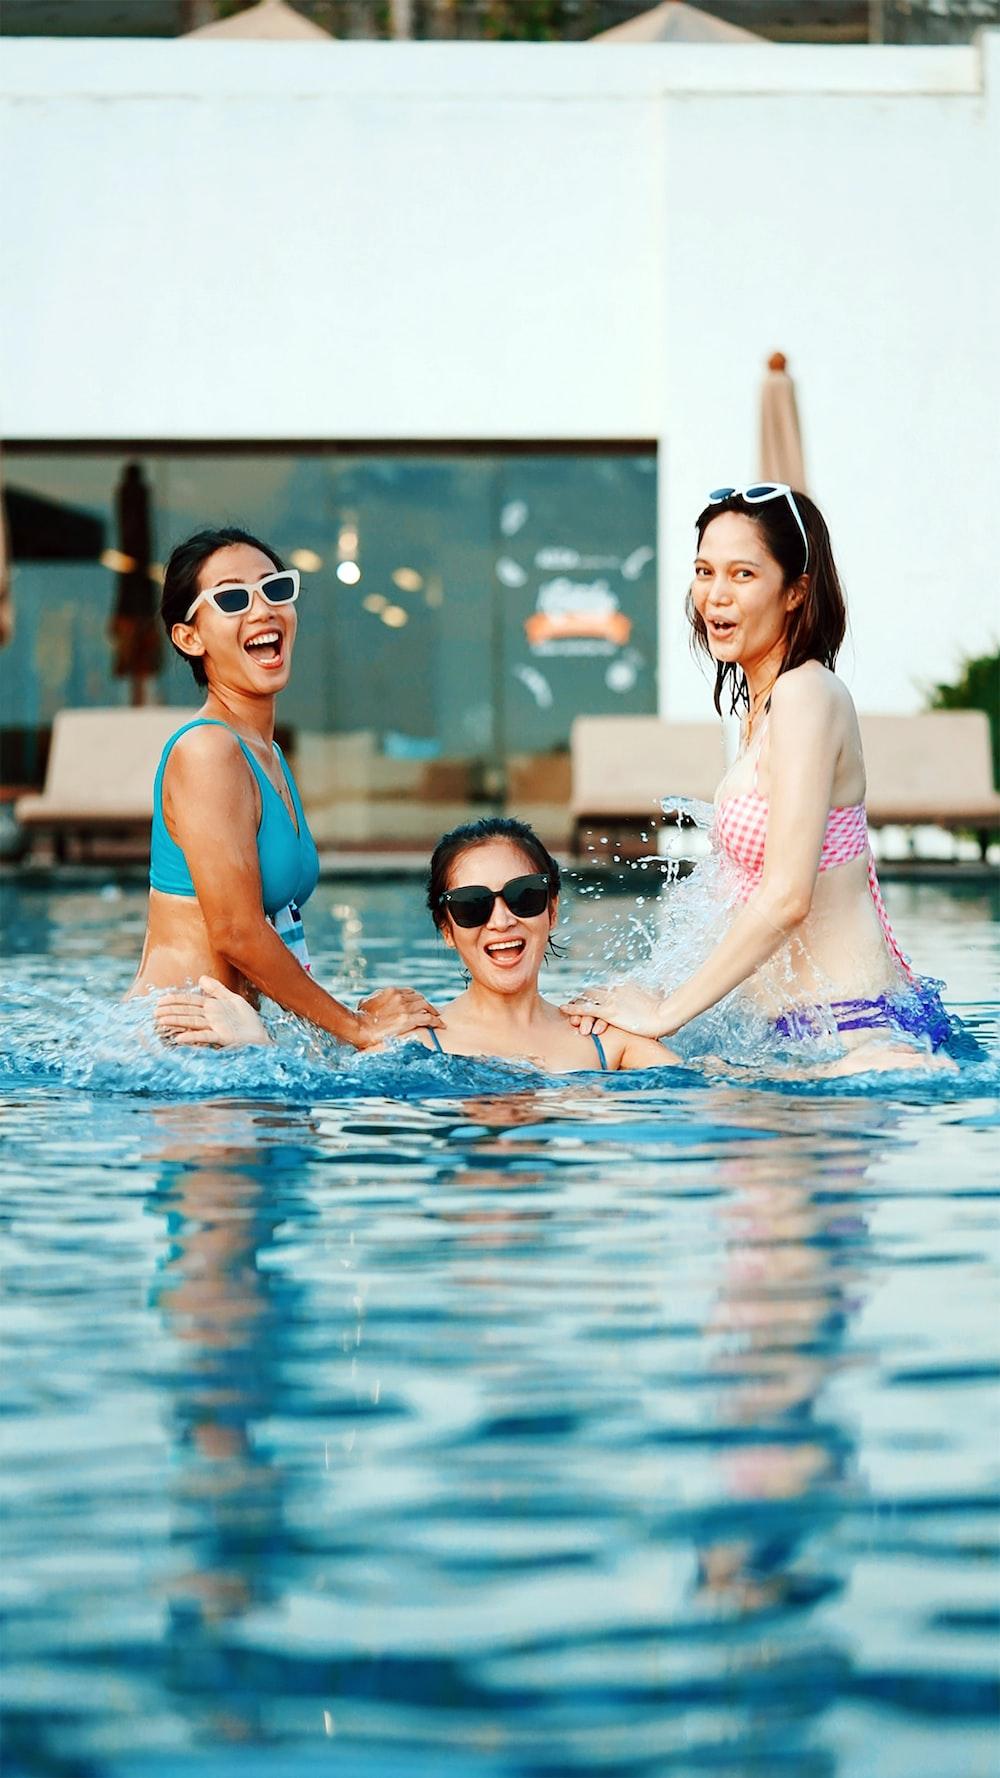 2 women in swimming pool during daytime